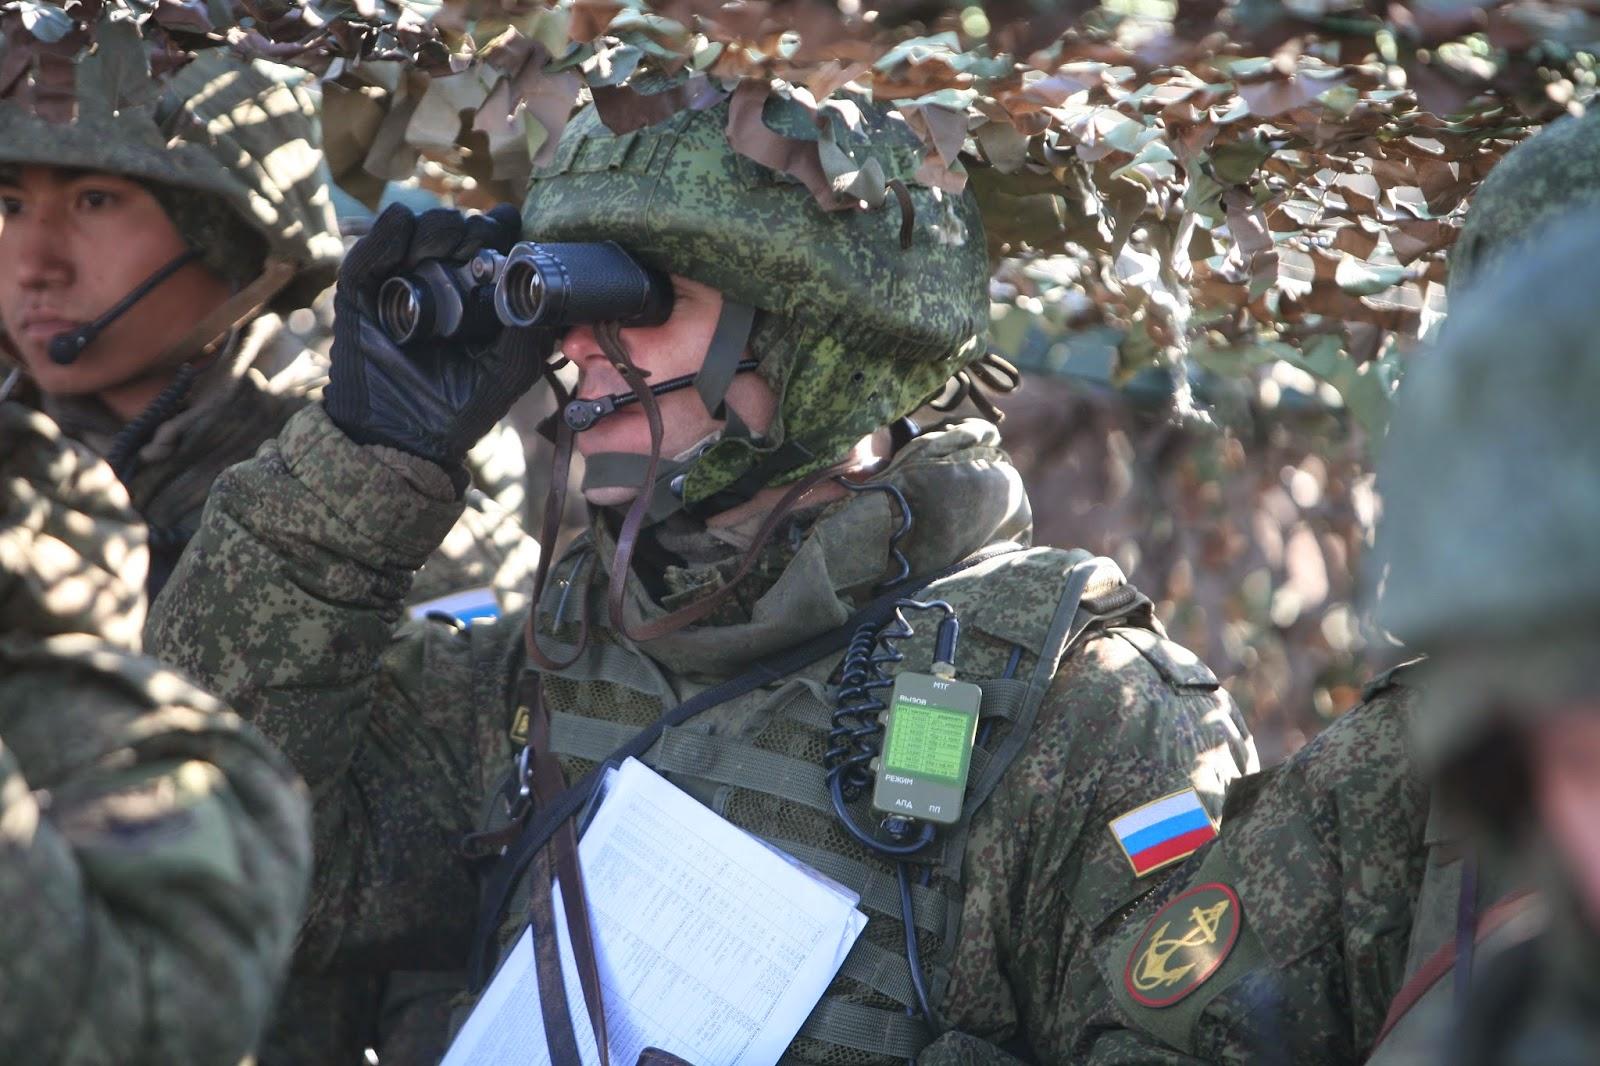 RUSIA | Fuerzas Armadas del Mundo